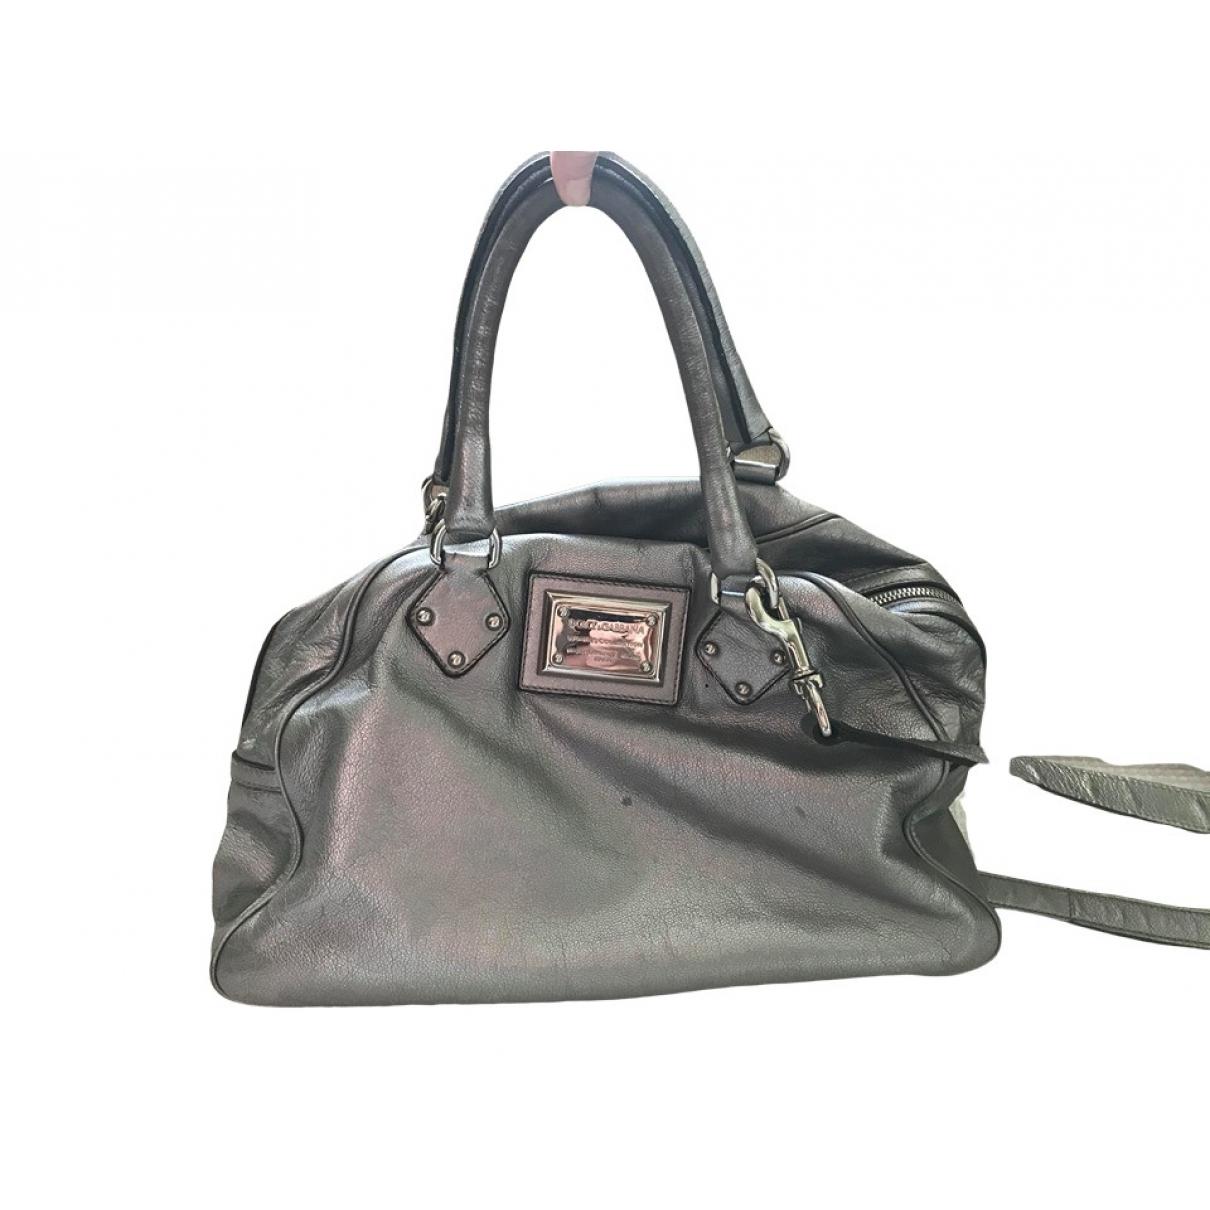 Dolce & Gabbana \N Handtasche in  Silber Leder